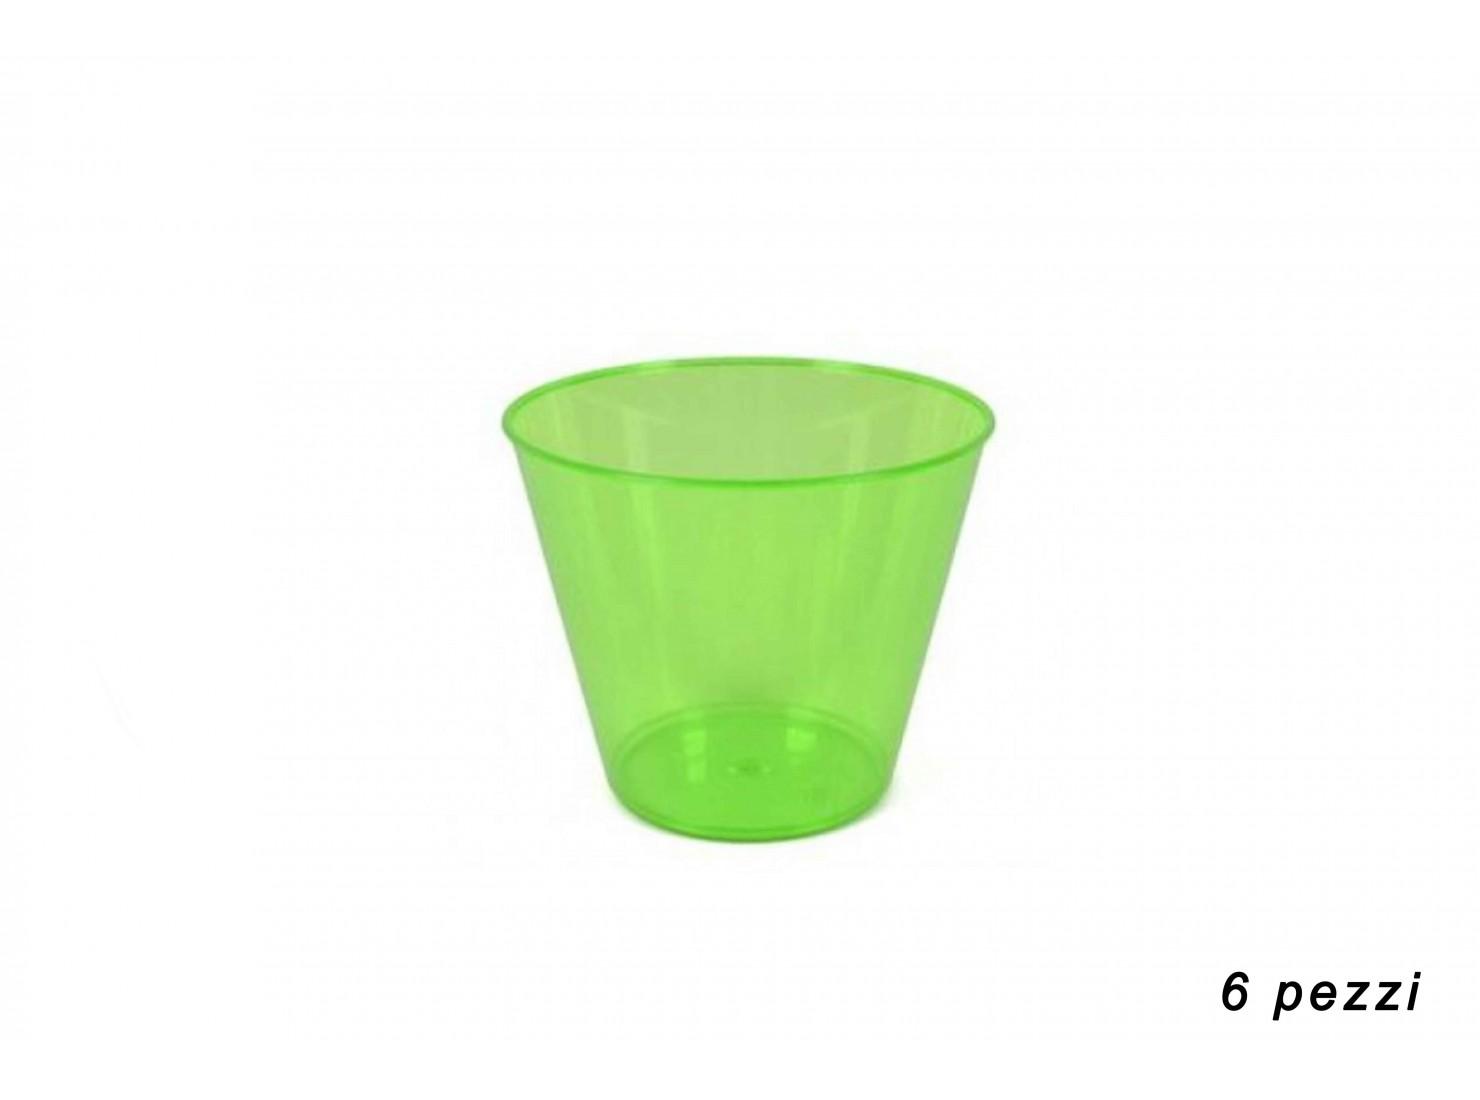 COPPA GELATO PLAST. VERDE 6 PZ